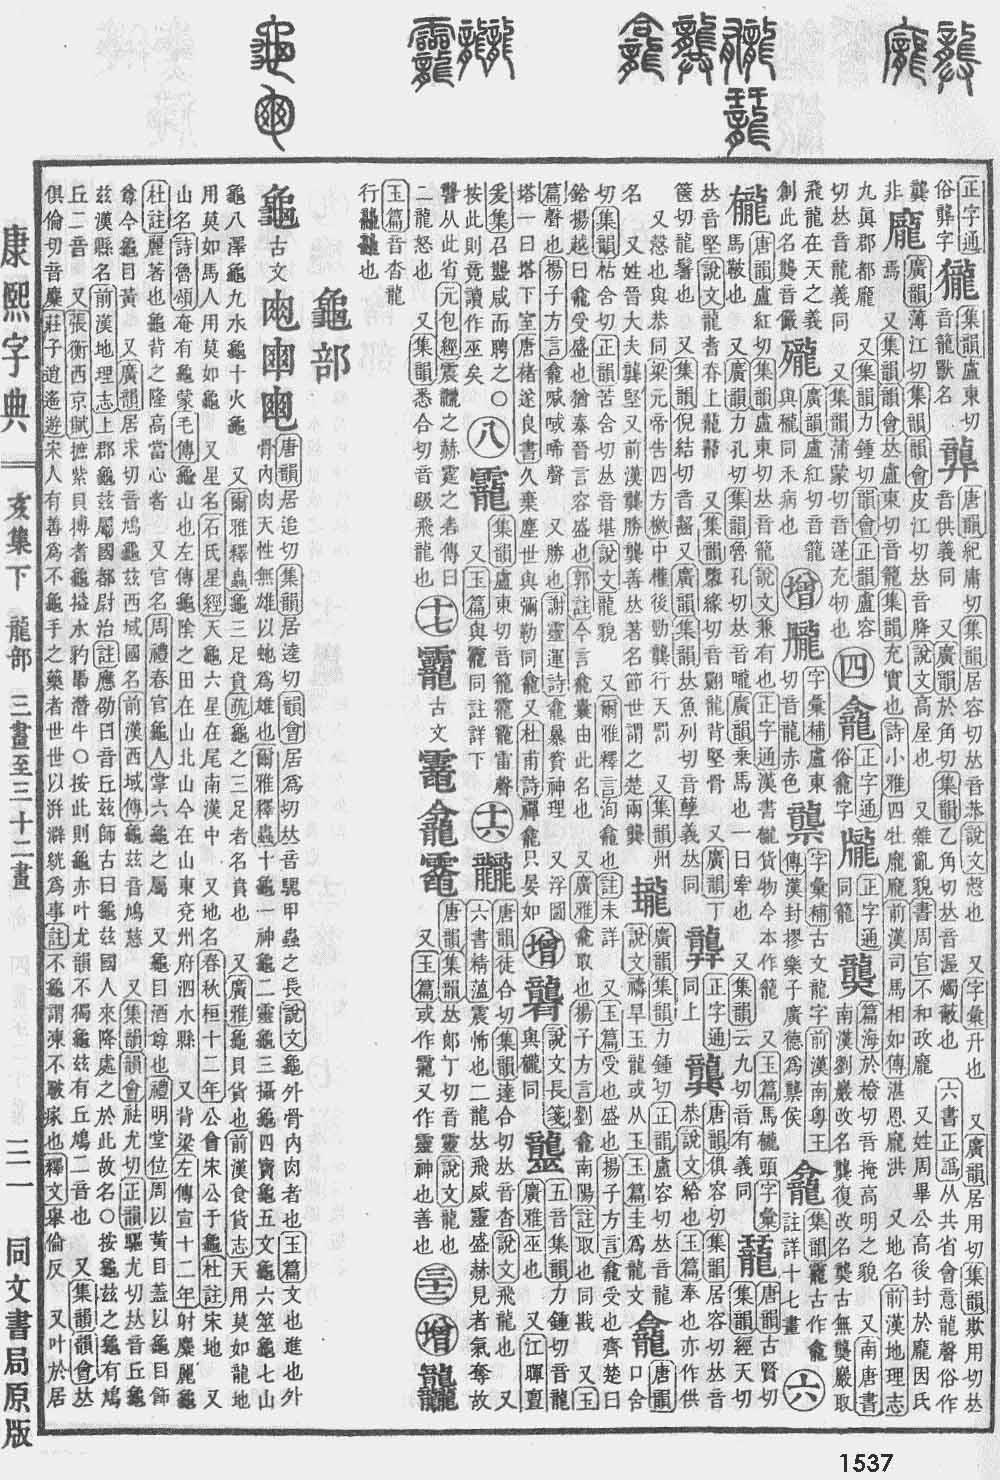 《康熙字典》第1537页